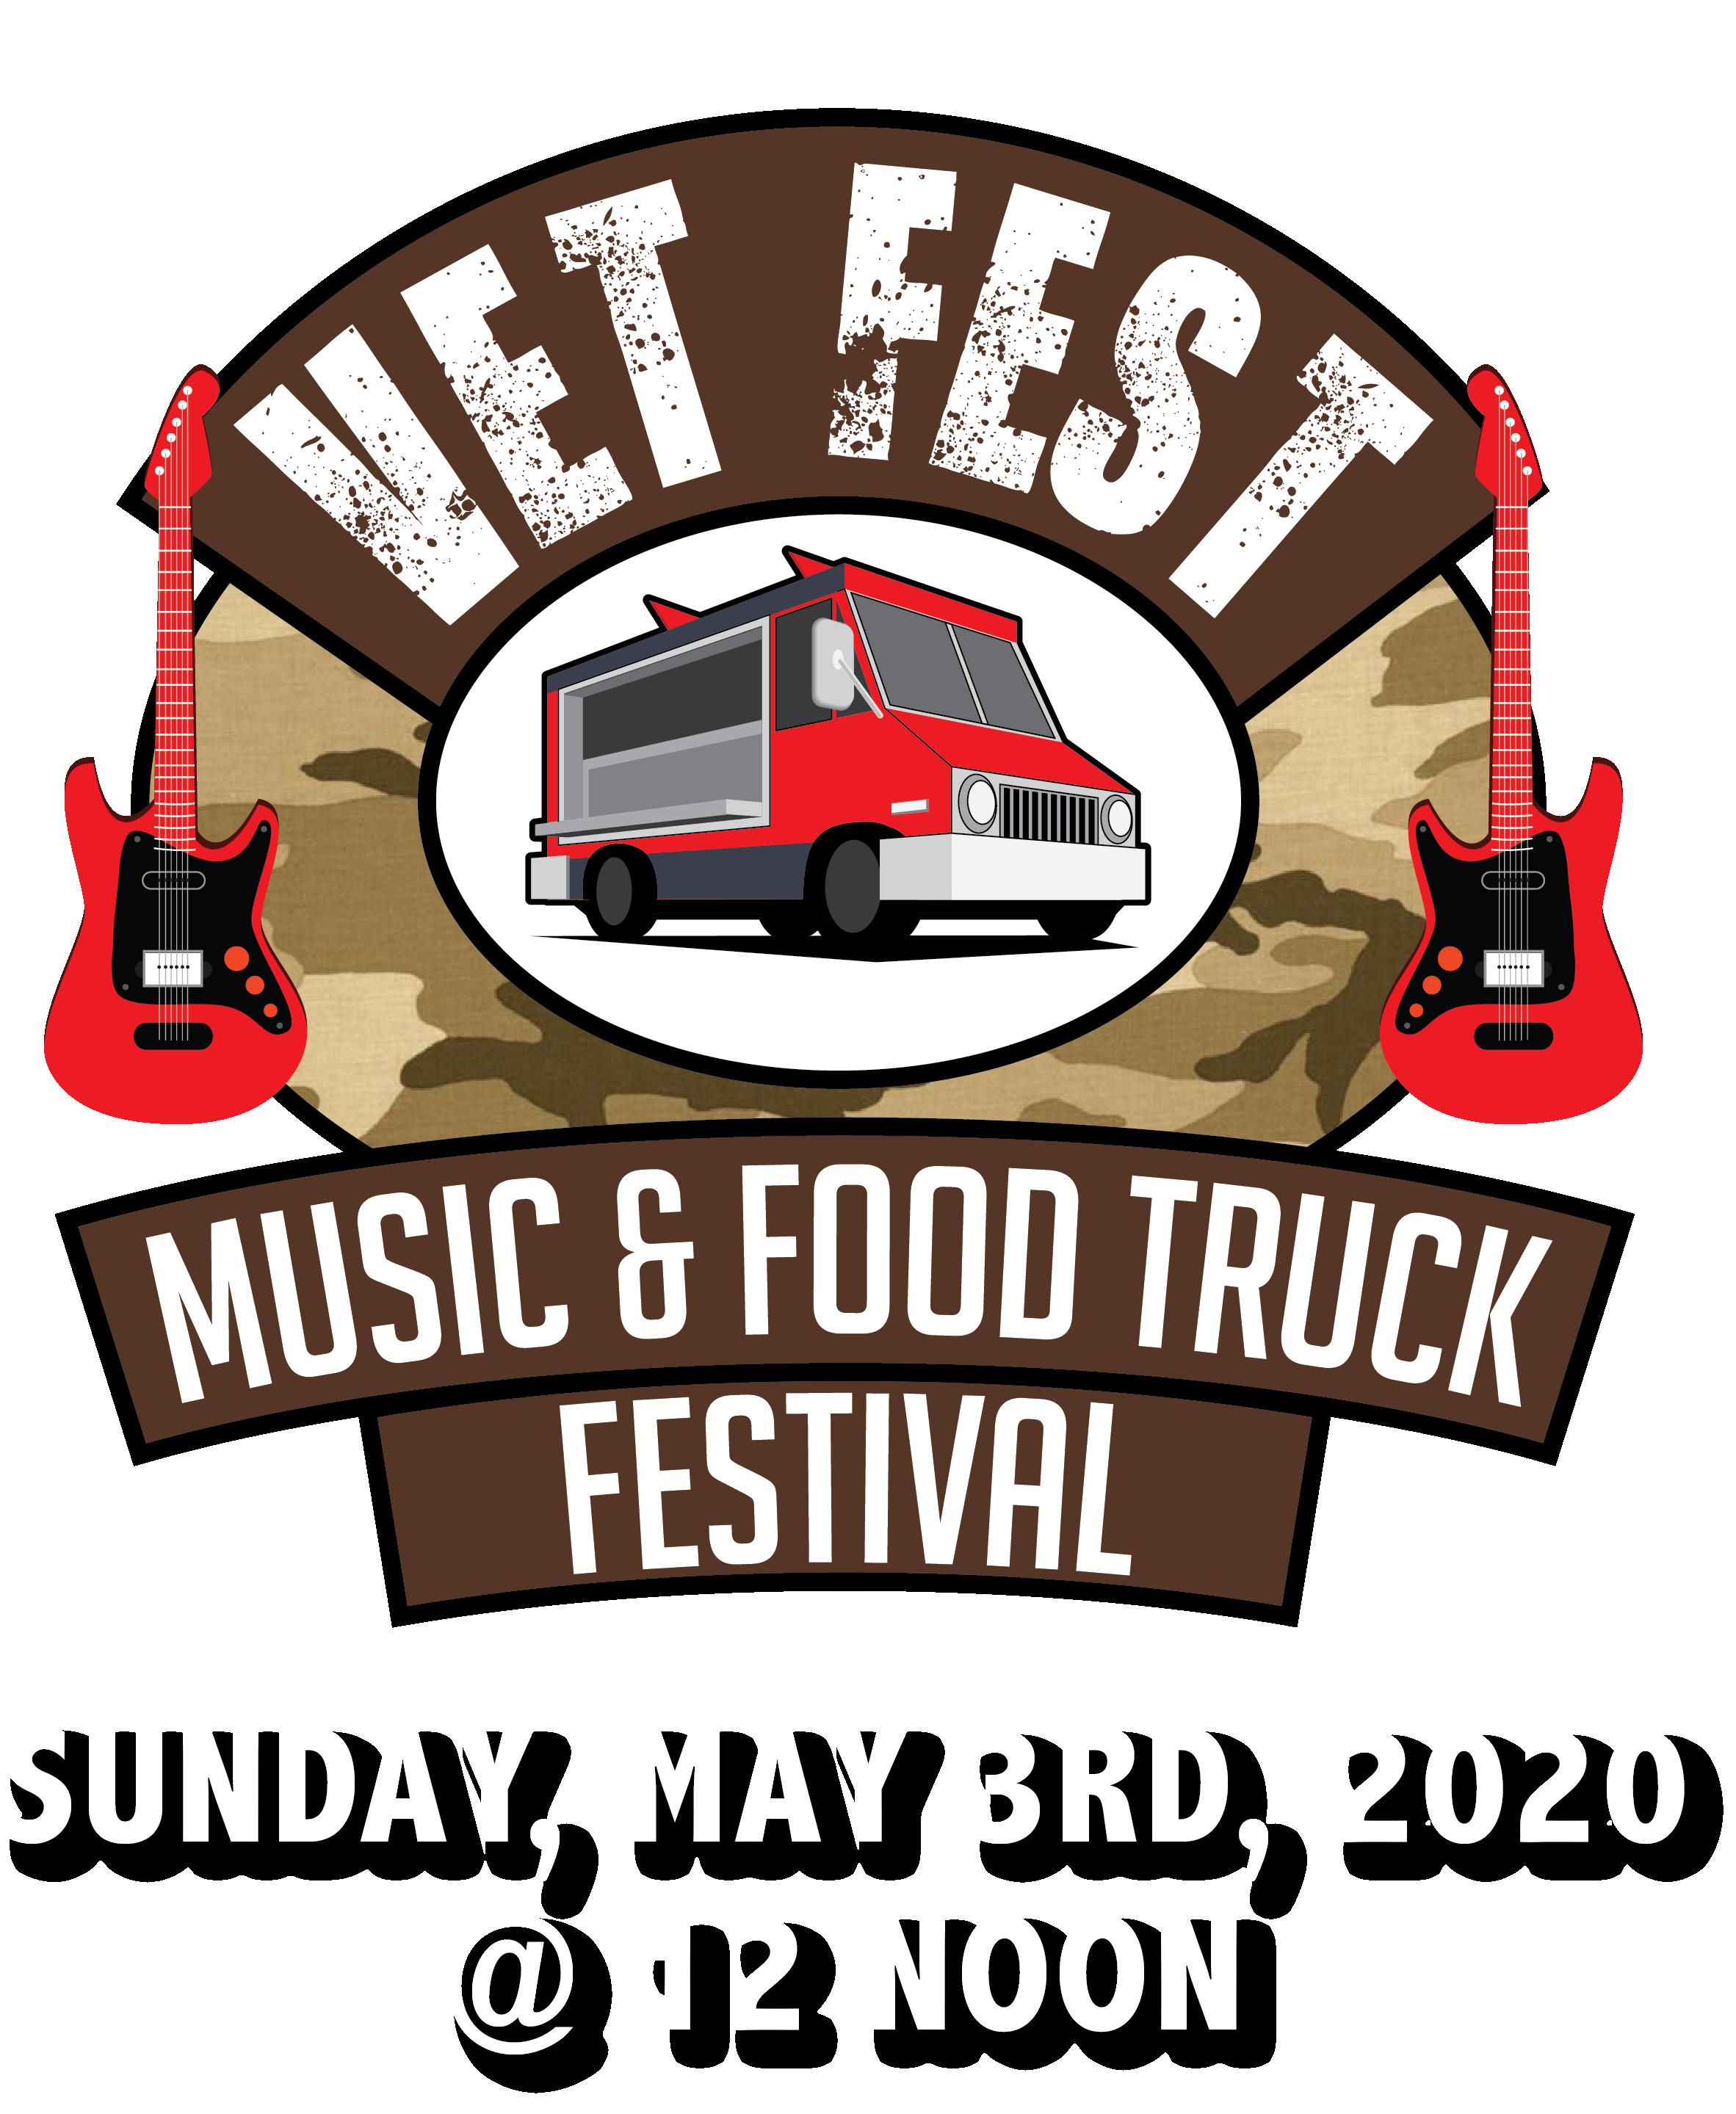 vestfest-logo-2020 12 - date-white